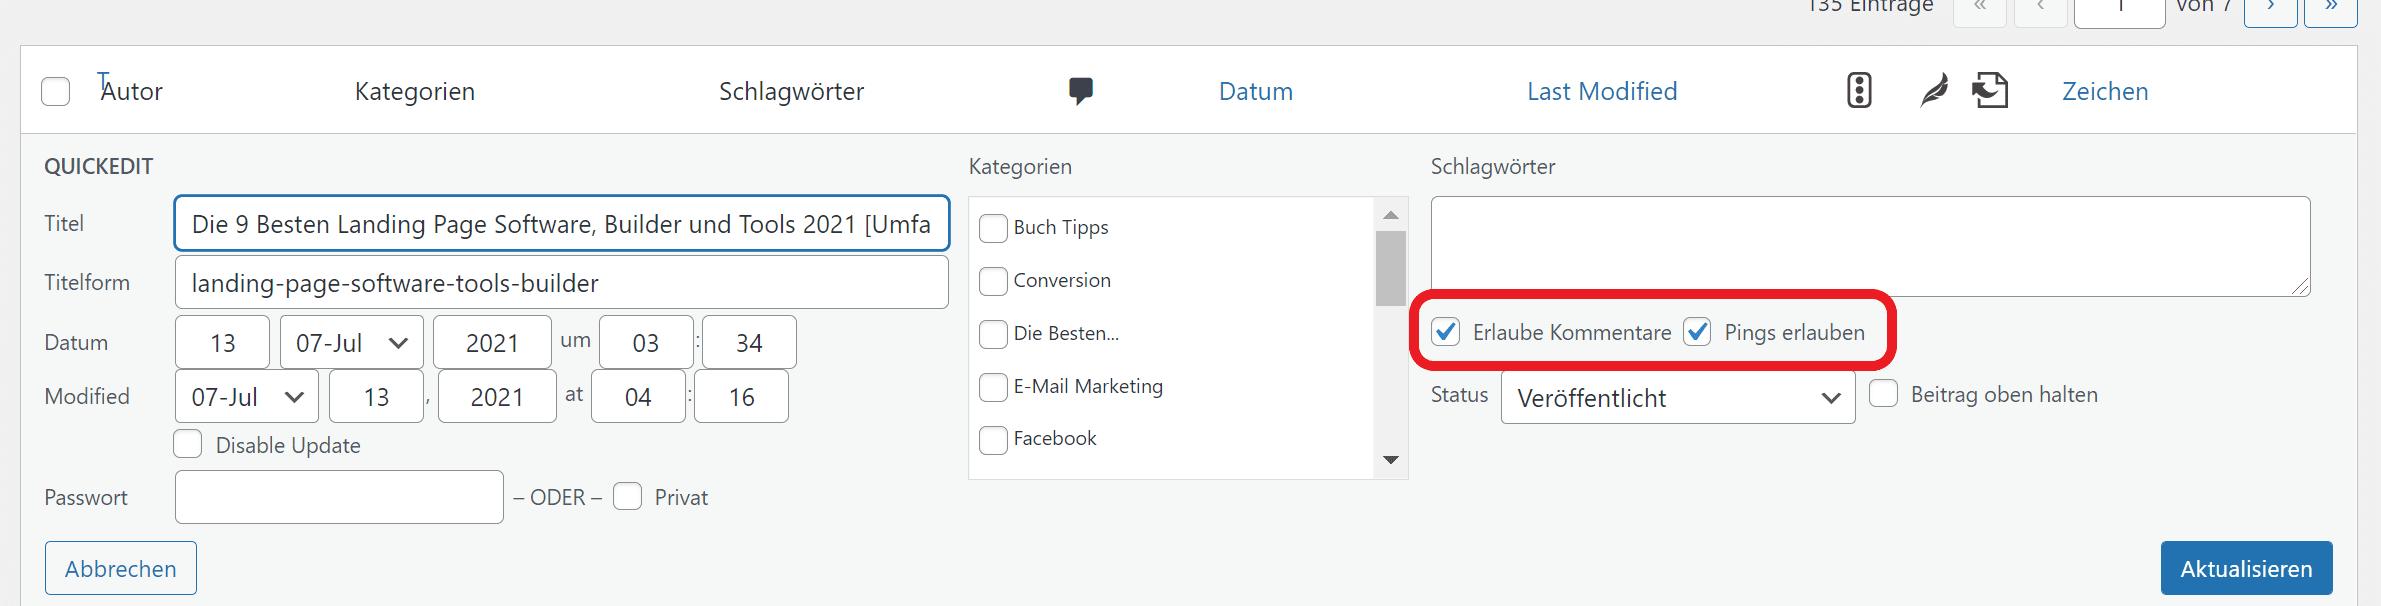 WordPRess Kommenatre deaktivieren quick edit